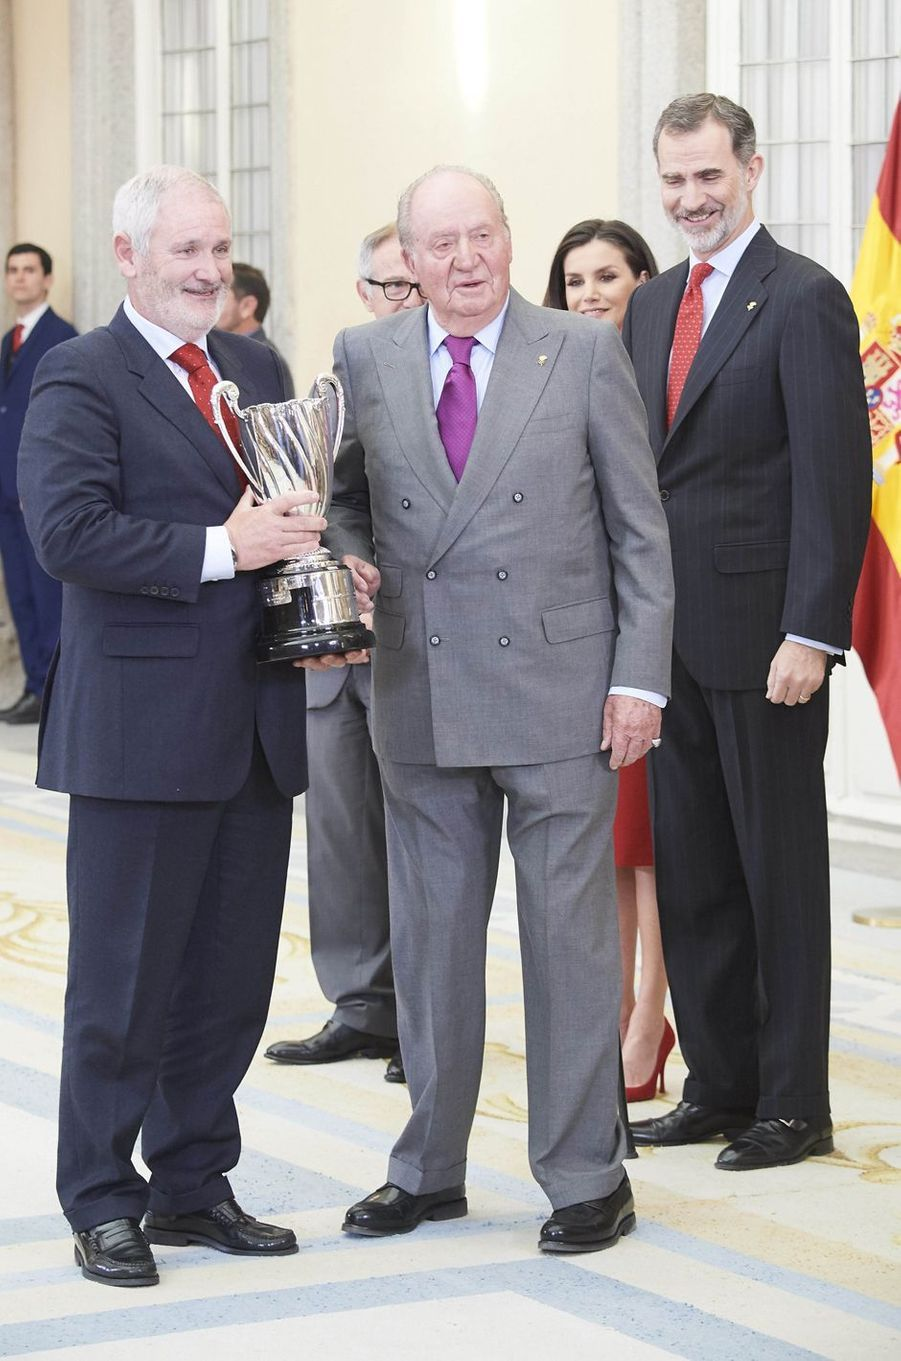 Le roi Felipe VI et son père l'ex-roi Juan Carlos d'Espagne à Madrid, le 10 janvier 2018